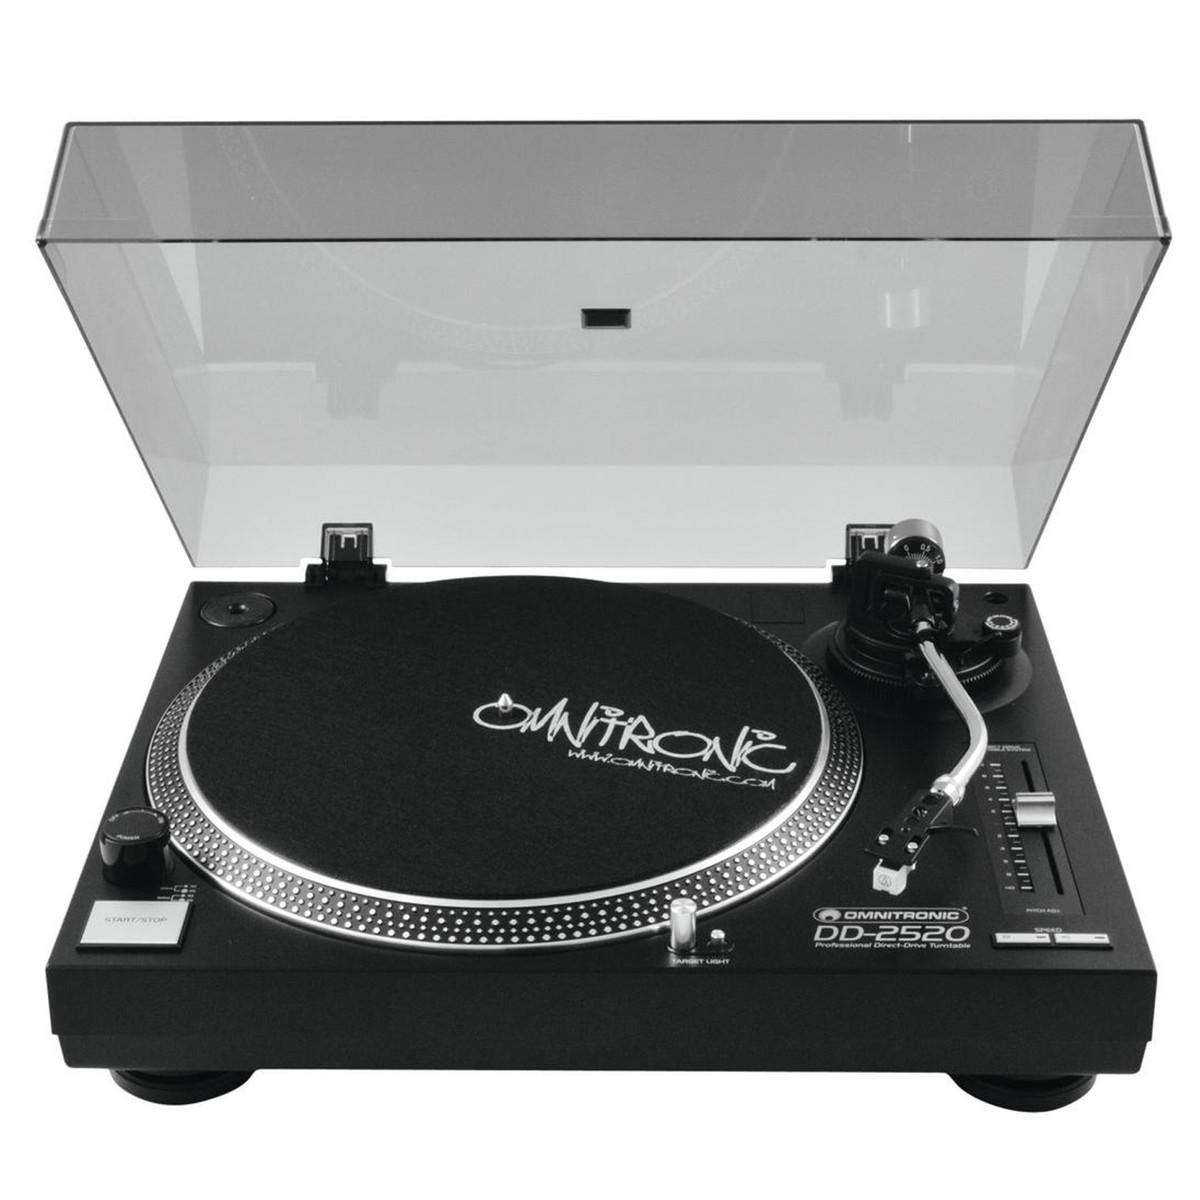 OMNITRONIC DD-2520 USB BLACK GIRADISCHI PER DJ TRAZIONE DIRETTA NERO 2